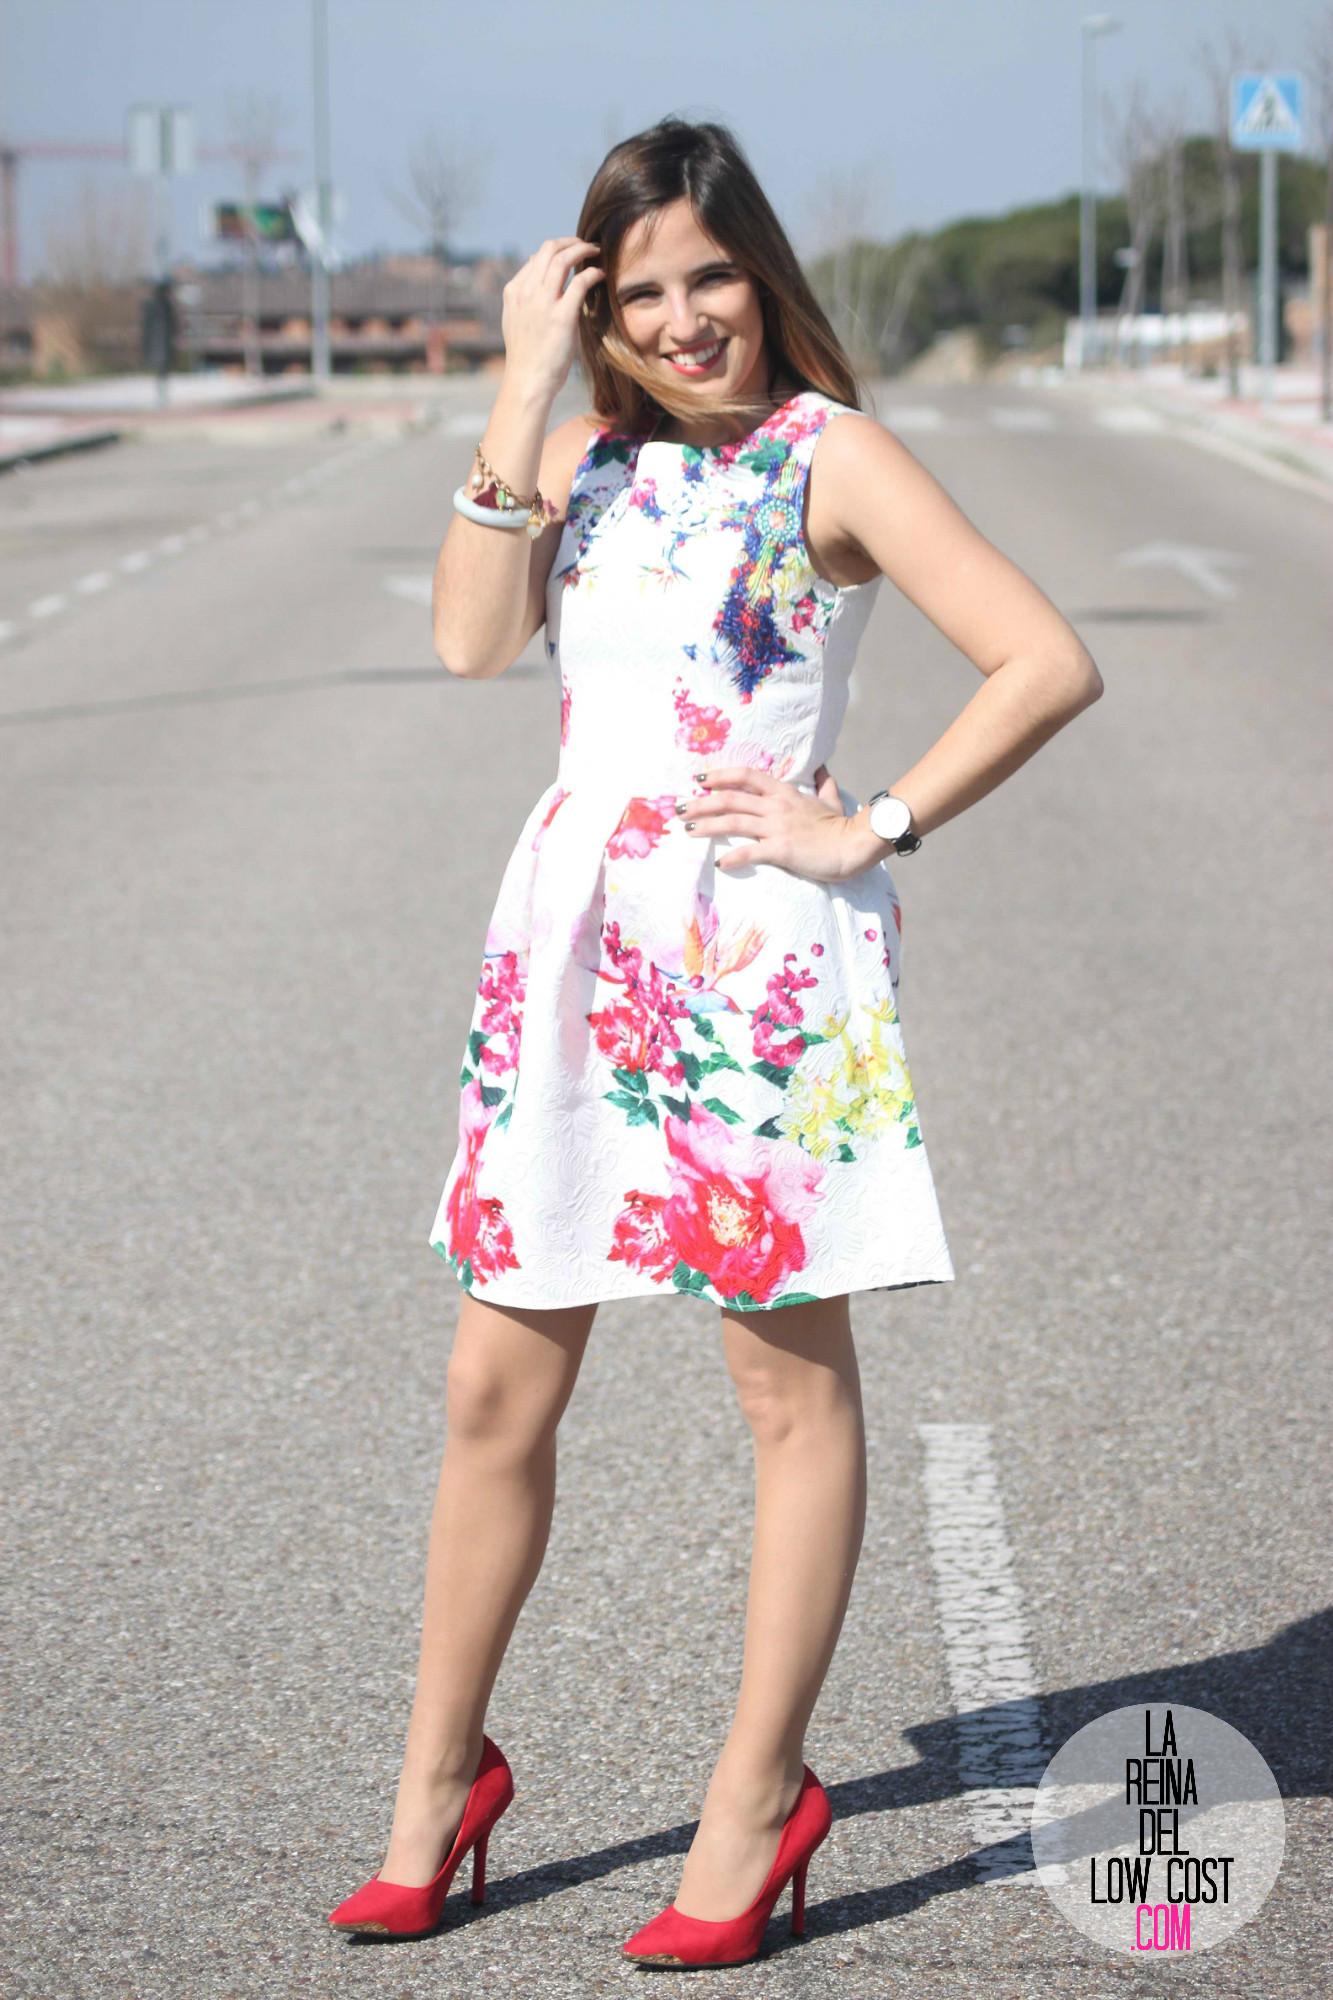 Tienda online ropa low cost la reina del low cost for Armadi low cost online